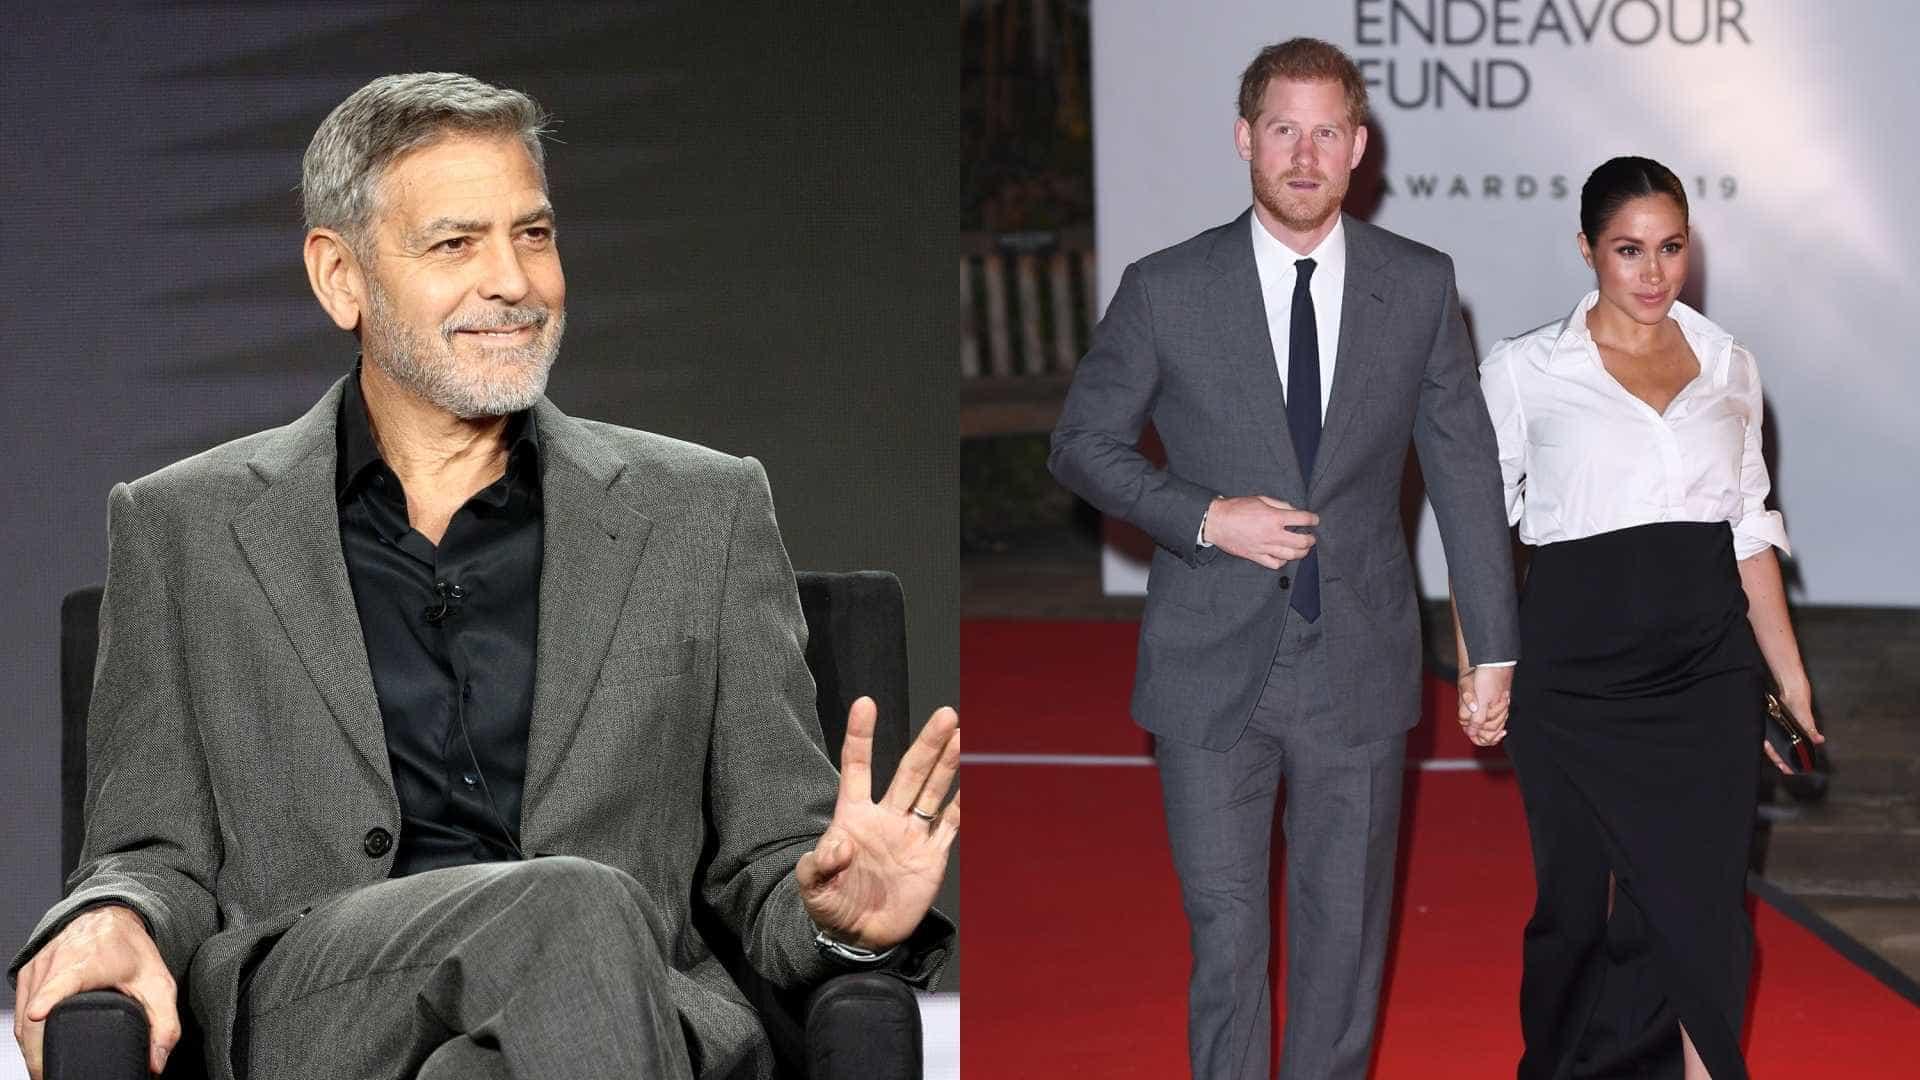 naom 5c62c88041a5a 1 - George Clooney diz que Meghan está sendo perseguida como Diana foi